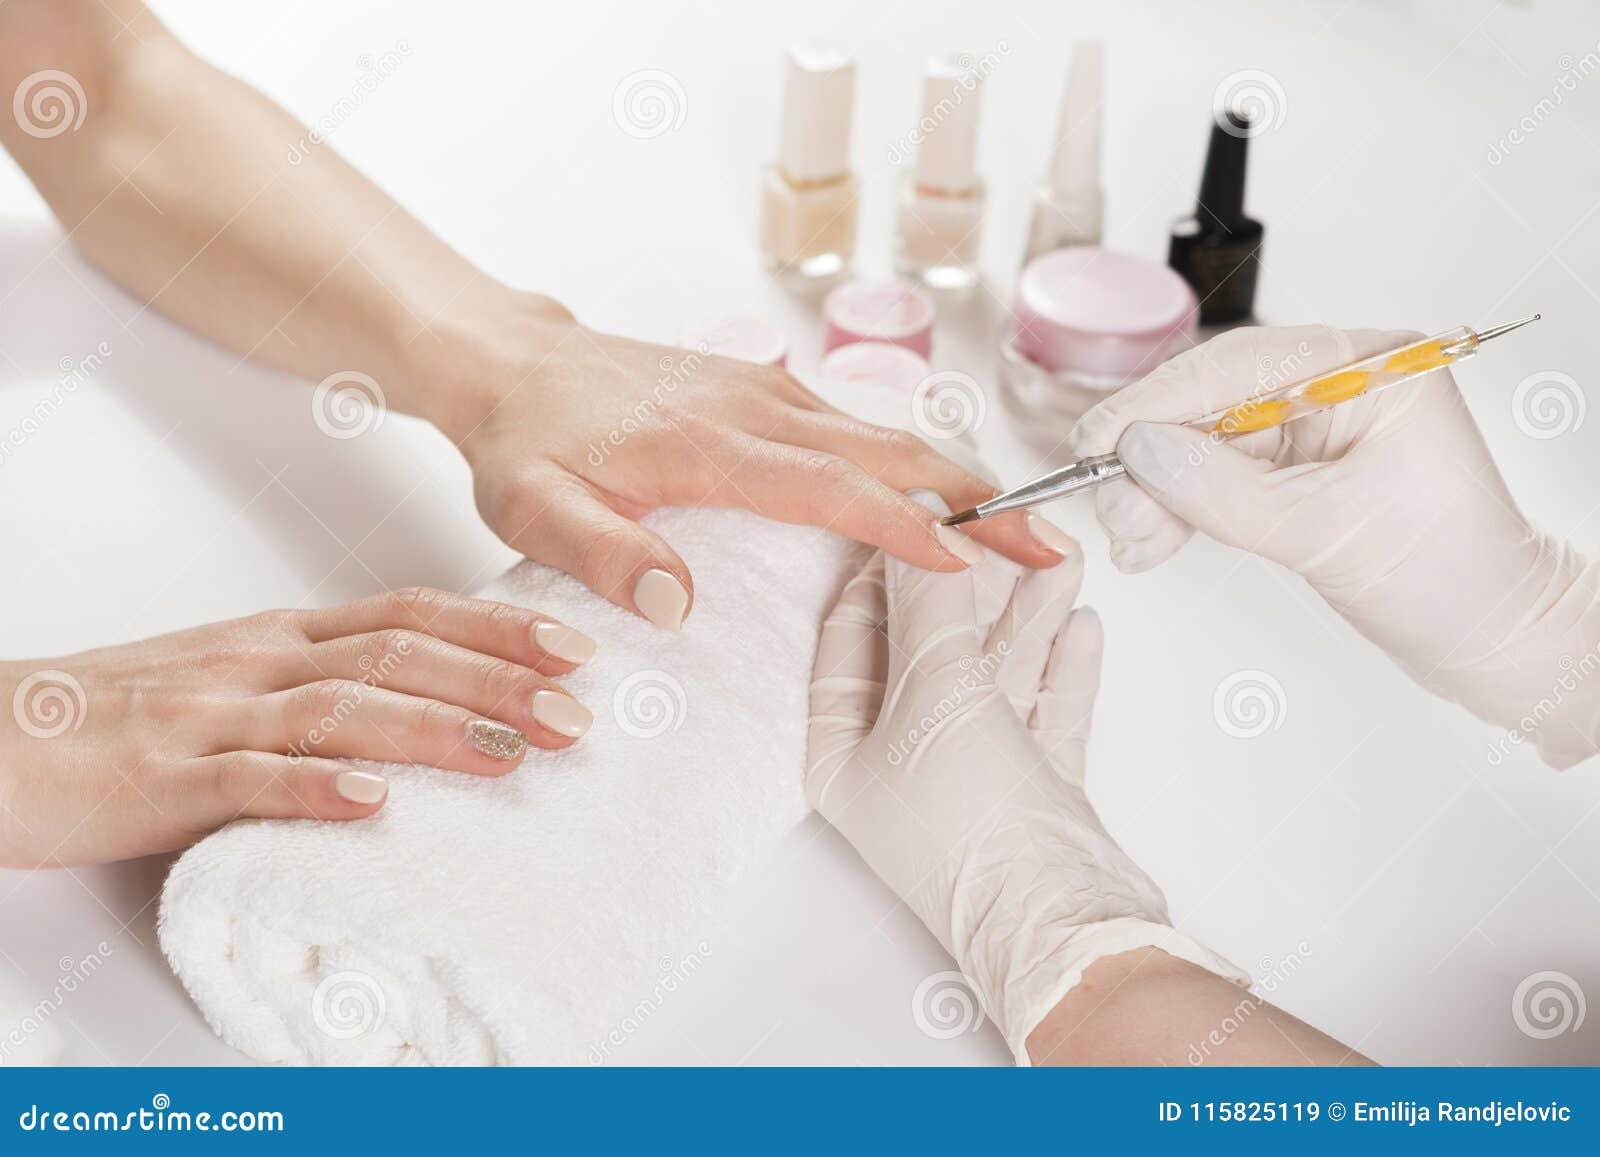 Lucidatura di unghie professionale del dito nello studio del manicure sulle mani della giovane donna